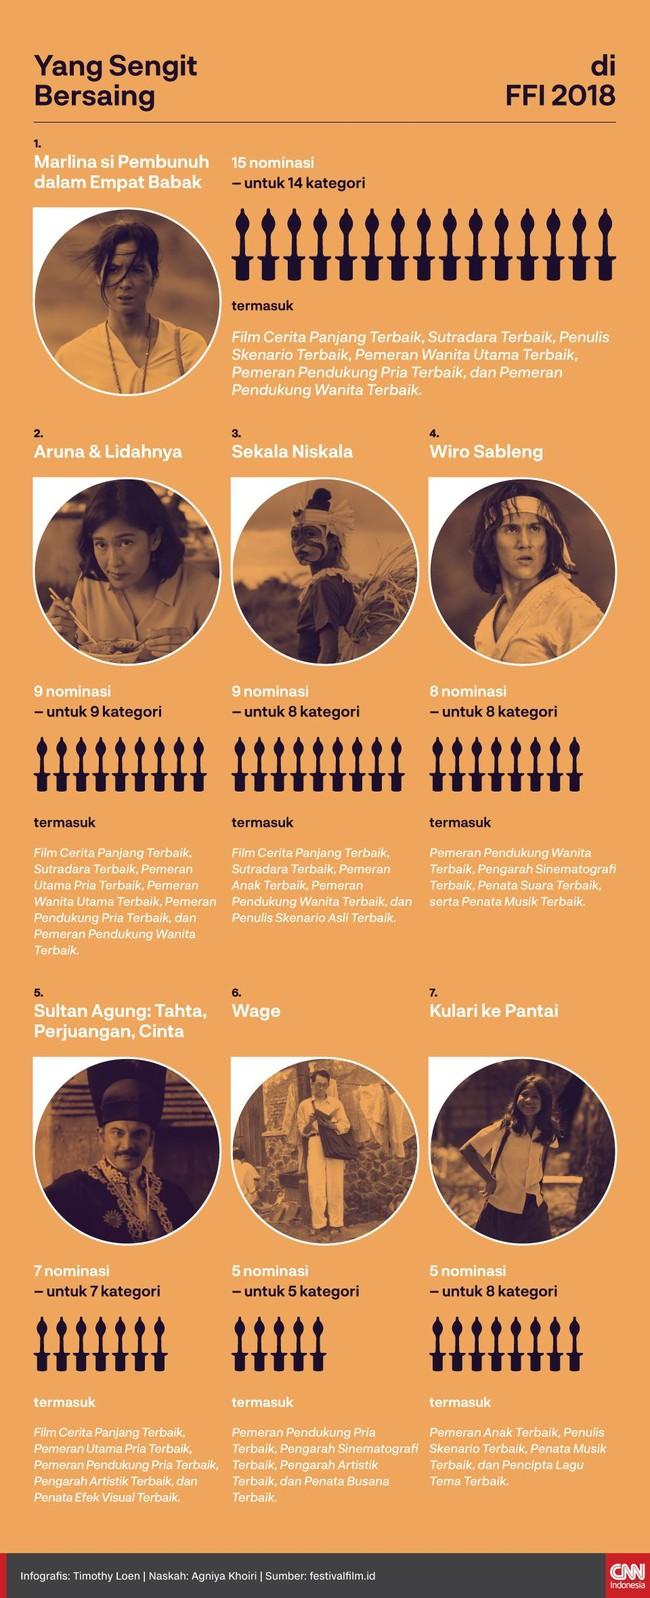 INFOGRAFIS: Yang Sengit Bersaing di FFI 2018